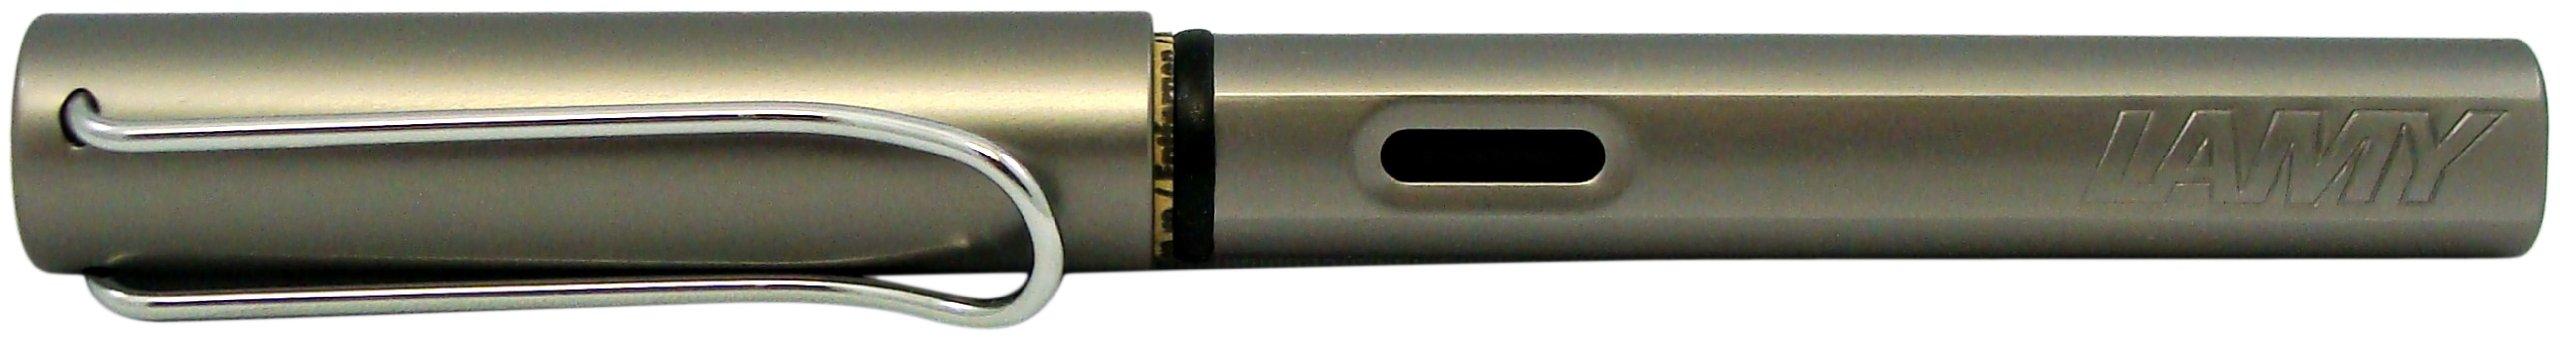 Lamy Safari Al-Star Fountain Pen - Graphite - Extra Fine by Lamy